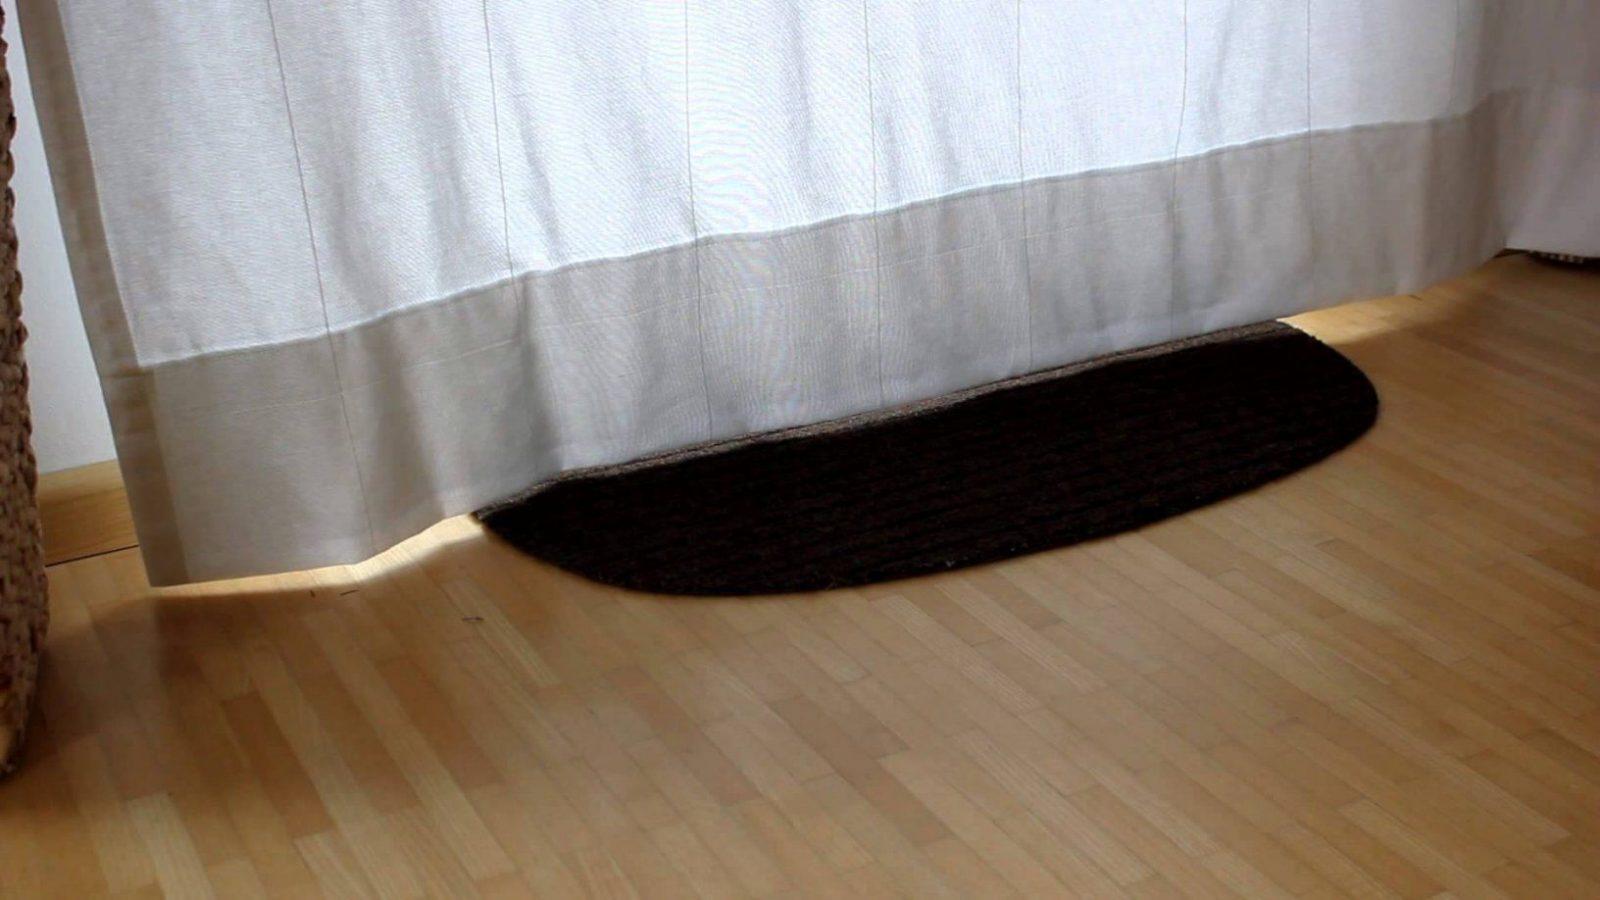 Vorhang Kürzen Teil 0708 Fertig Aufgehängt  Youtube von Gardinen Kürzen Ohne Nähen Photo